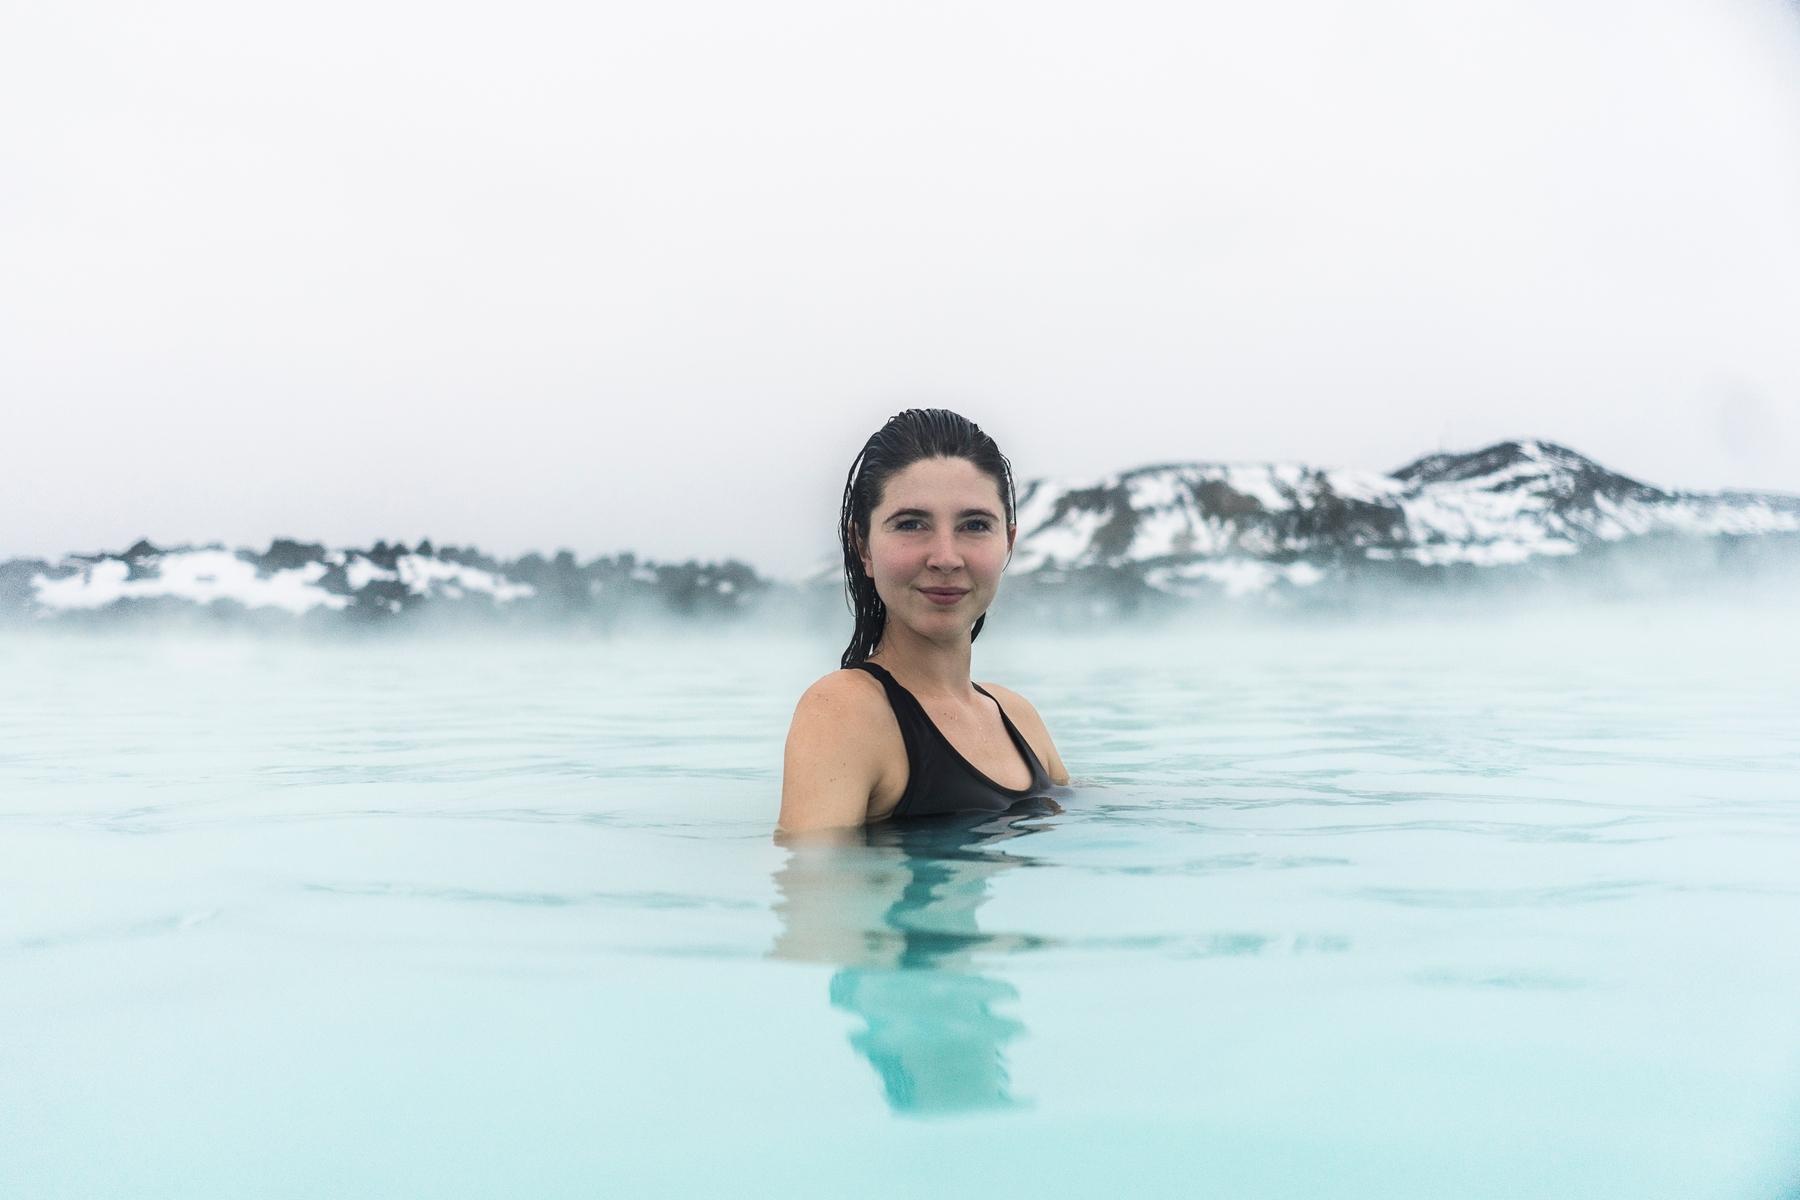 Девушка плавает в Голубой лагуне в Исландии. В этой стране удивительные места повсюду!